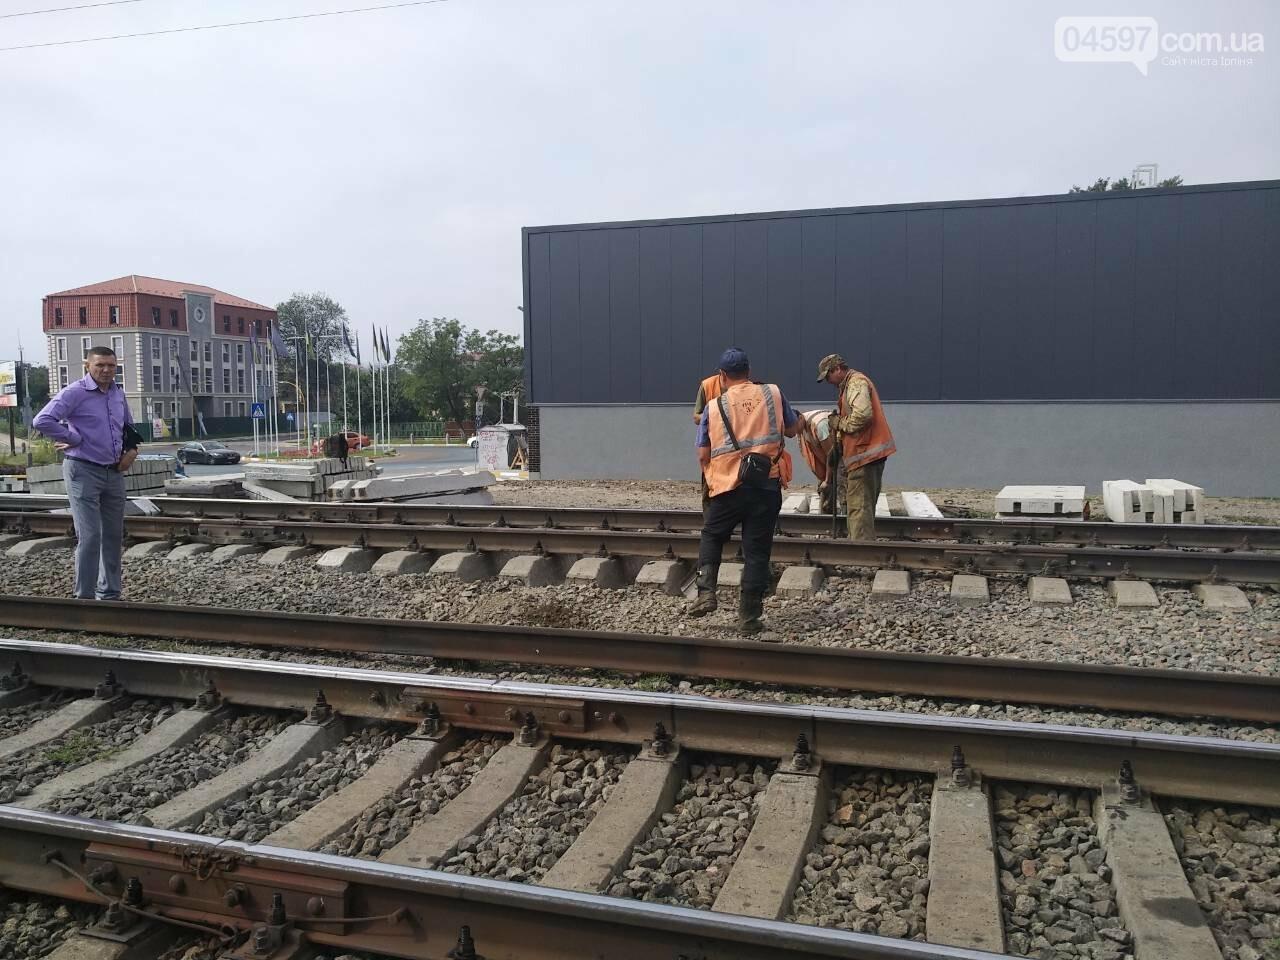 В Ірпені розпочали облаштування наземного переходу через залізничні колії, фото-1